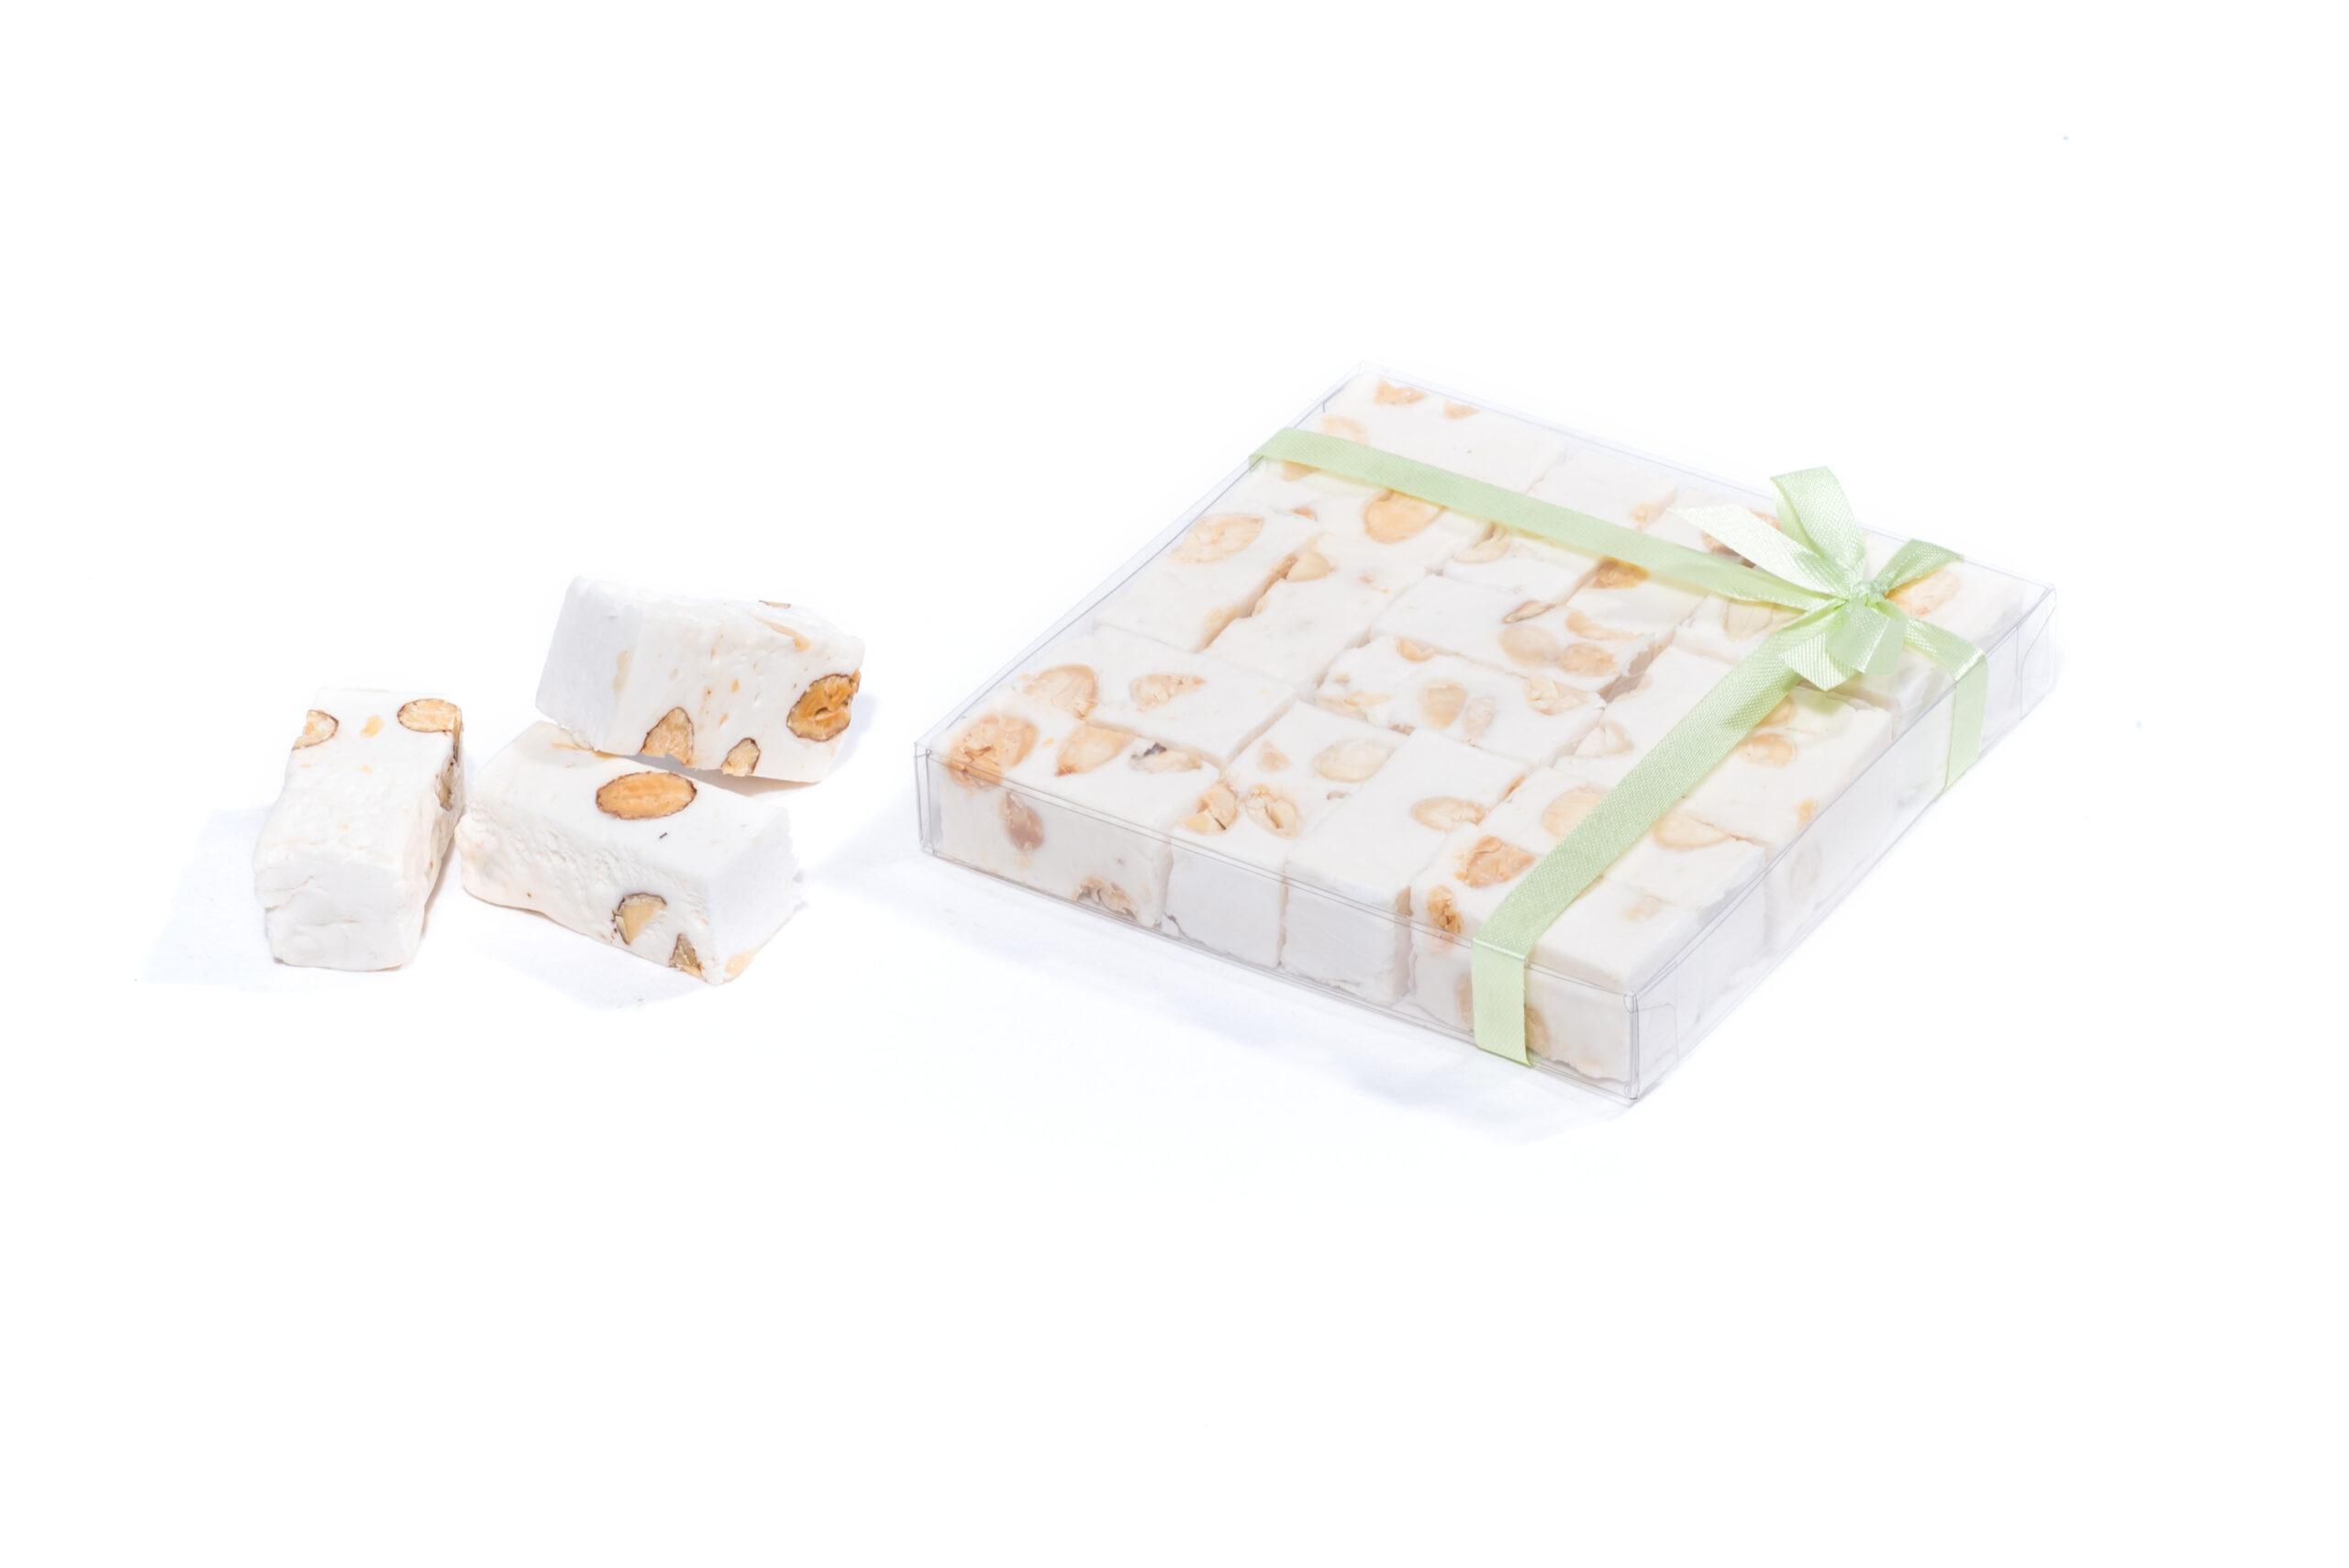 Verpakkingen voor confiserie | Verpakkingen voor banketbakkers